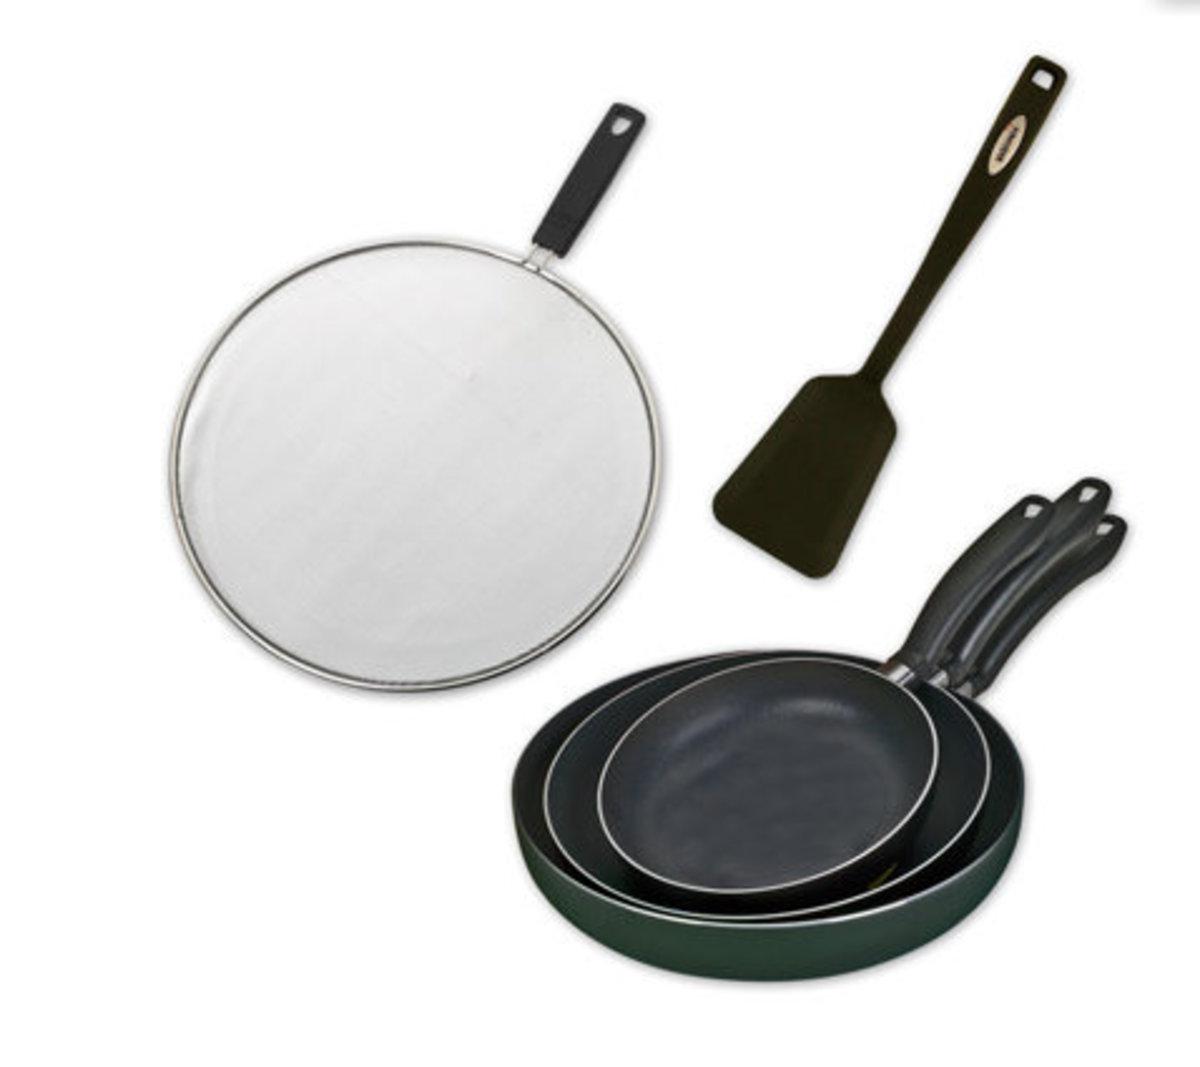 fry pan set